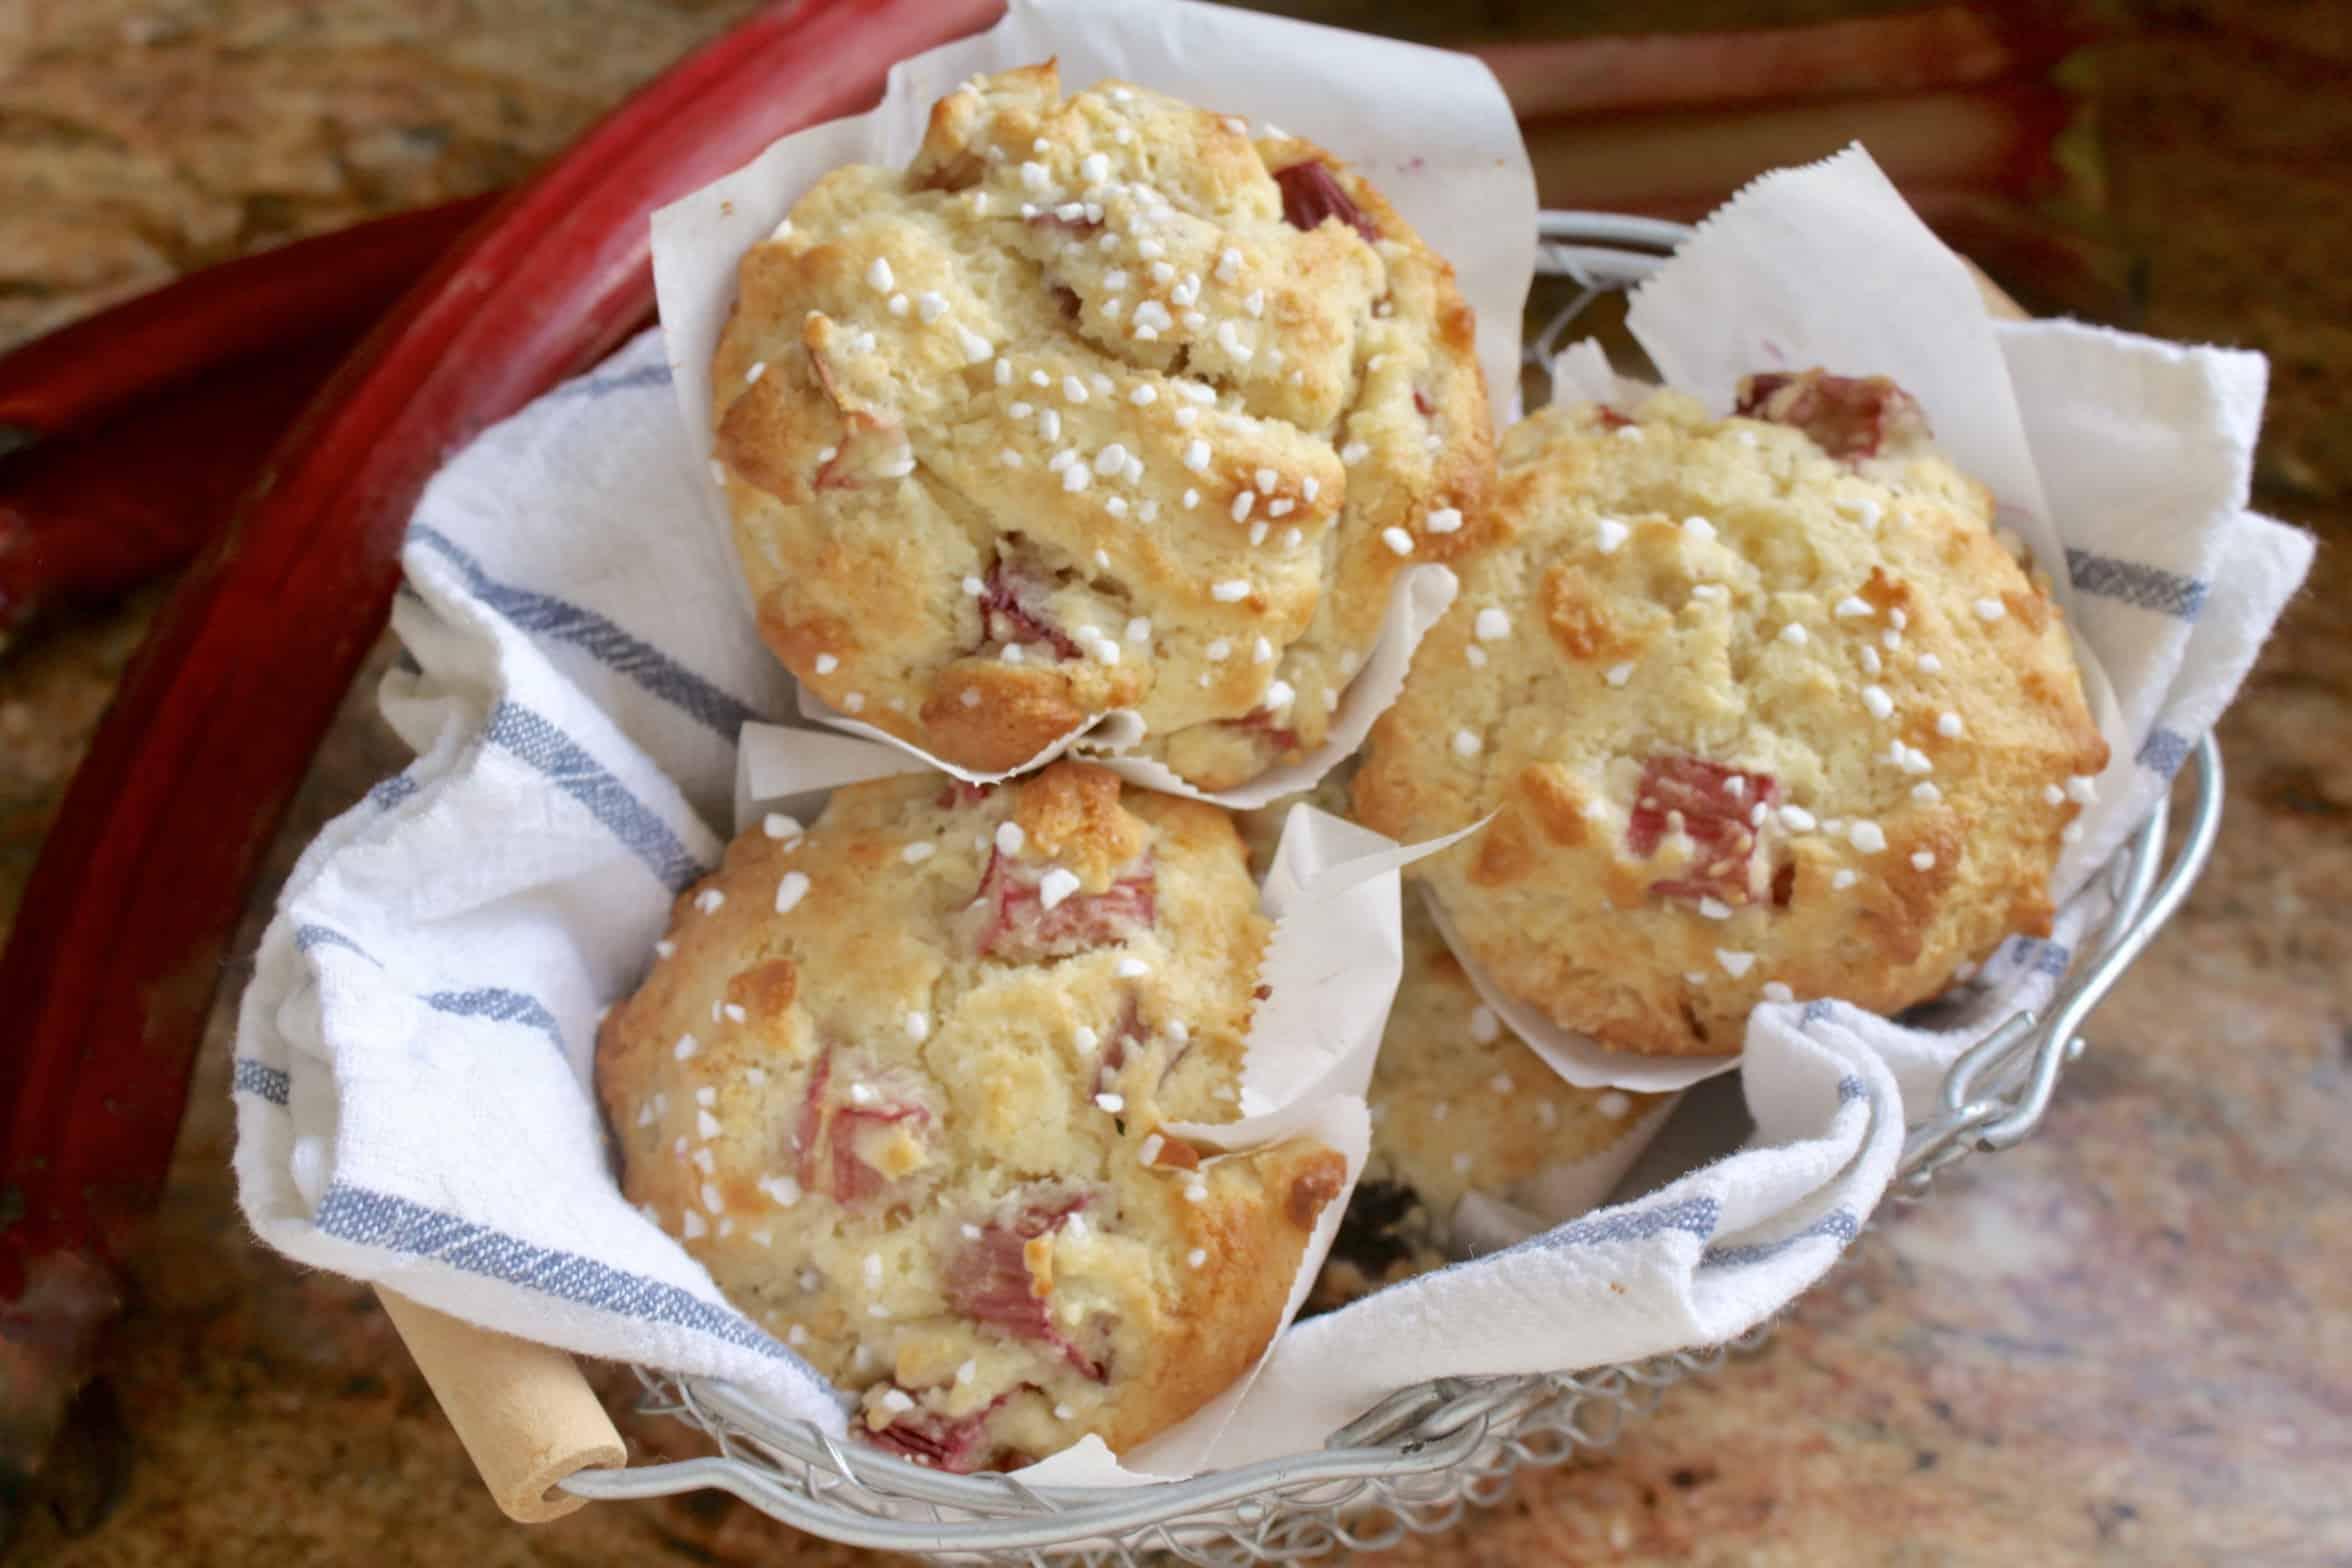 rhubarb muffins in a basket